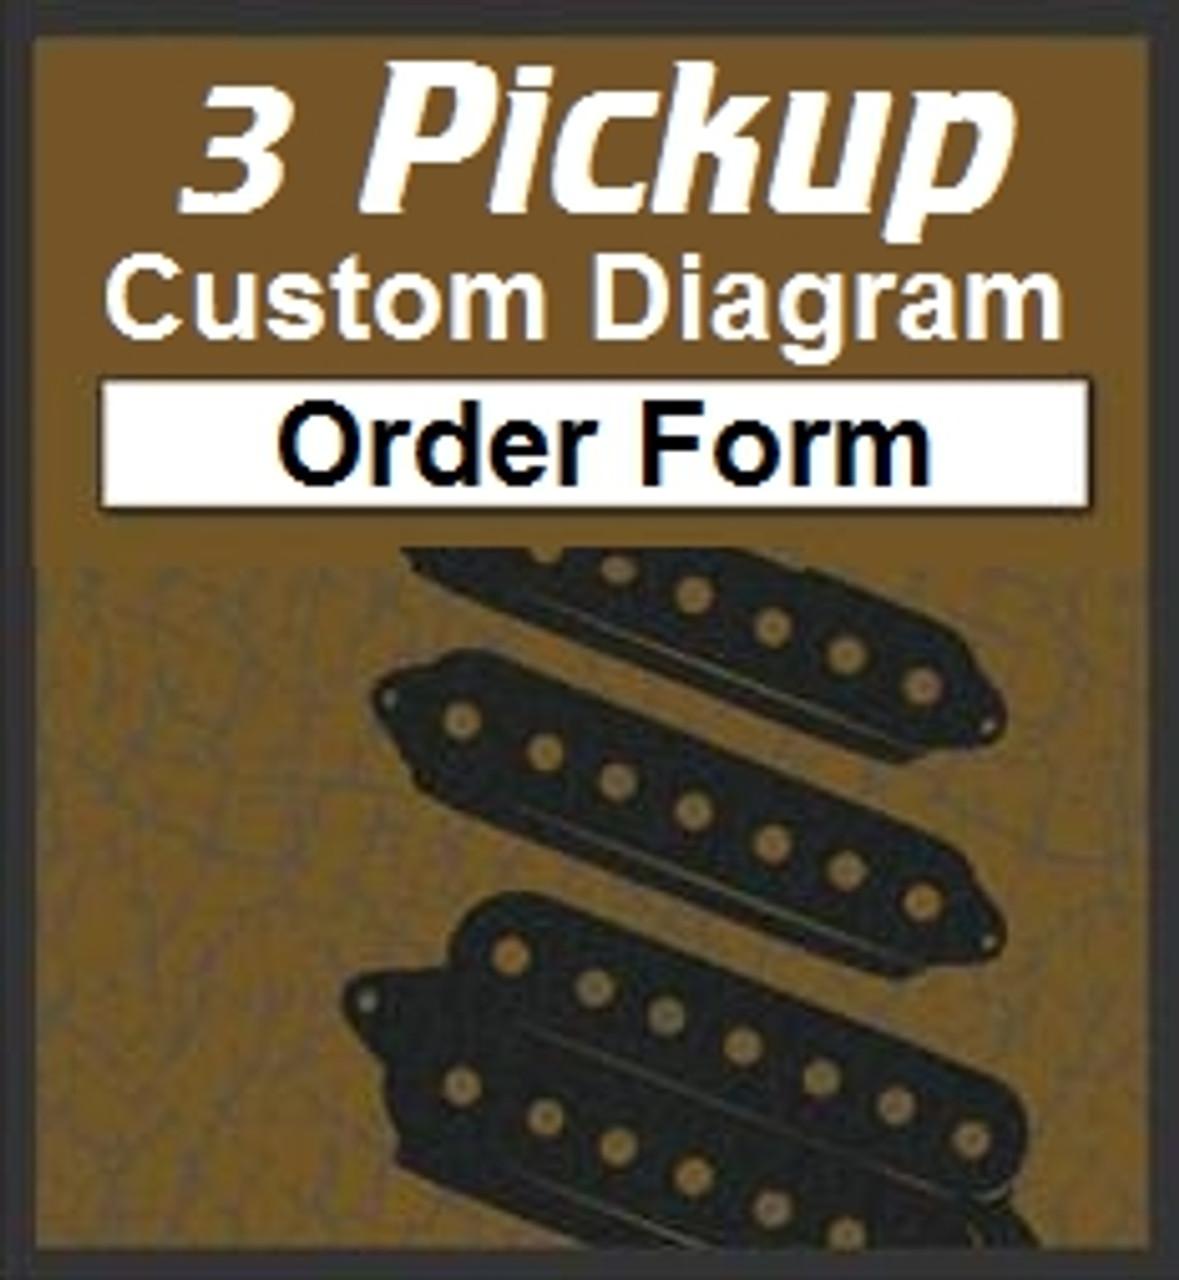 3 Pickup Custom Guitar Wiring Diagram Order Form